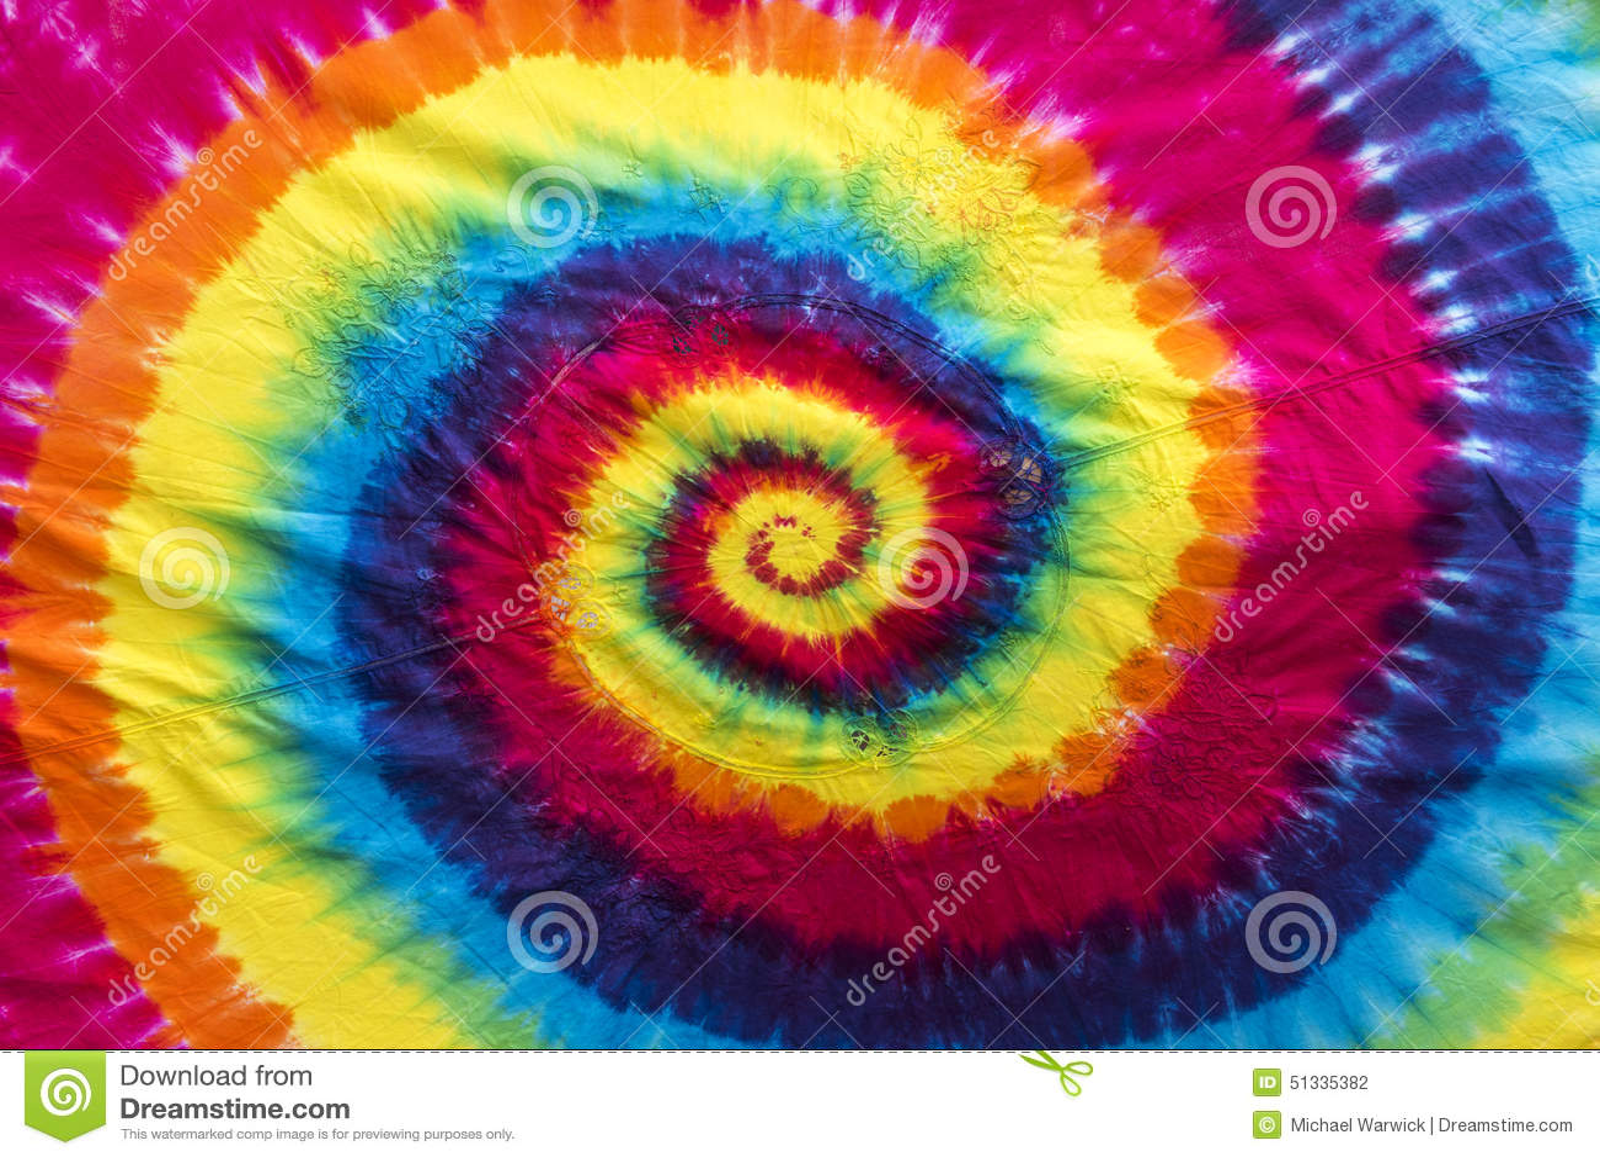 Buntes Bindungs-Färbungs-Spiralen-Muster-Design Stockfoto - Bild von ...